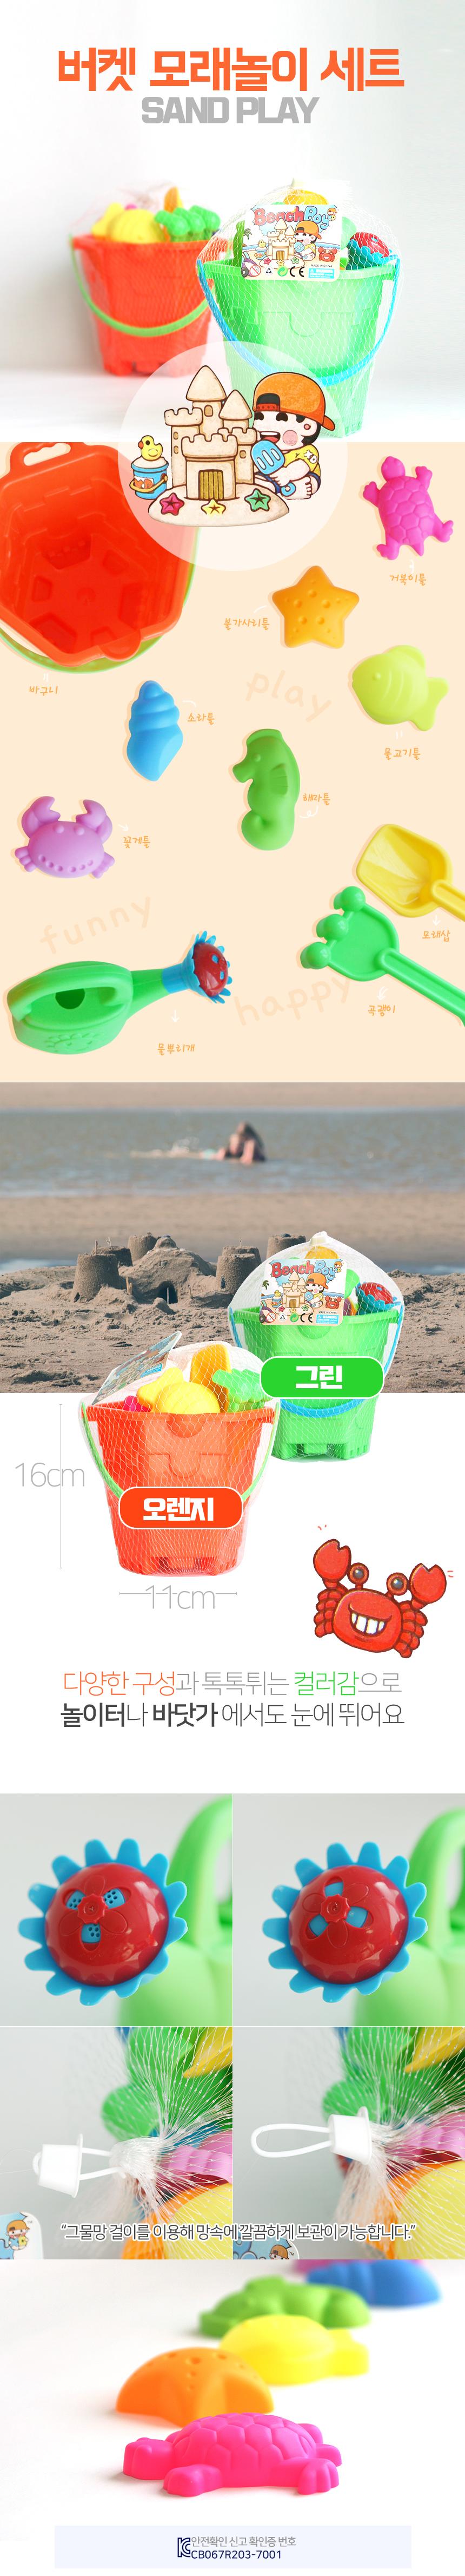 sandplayset.jpg